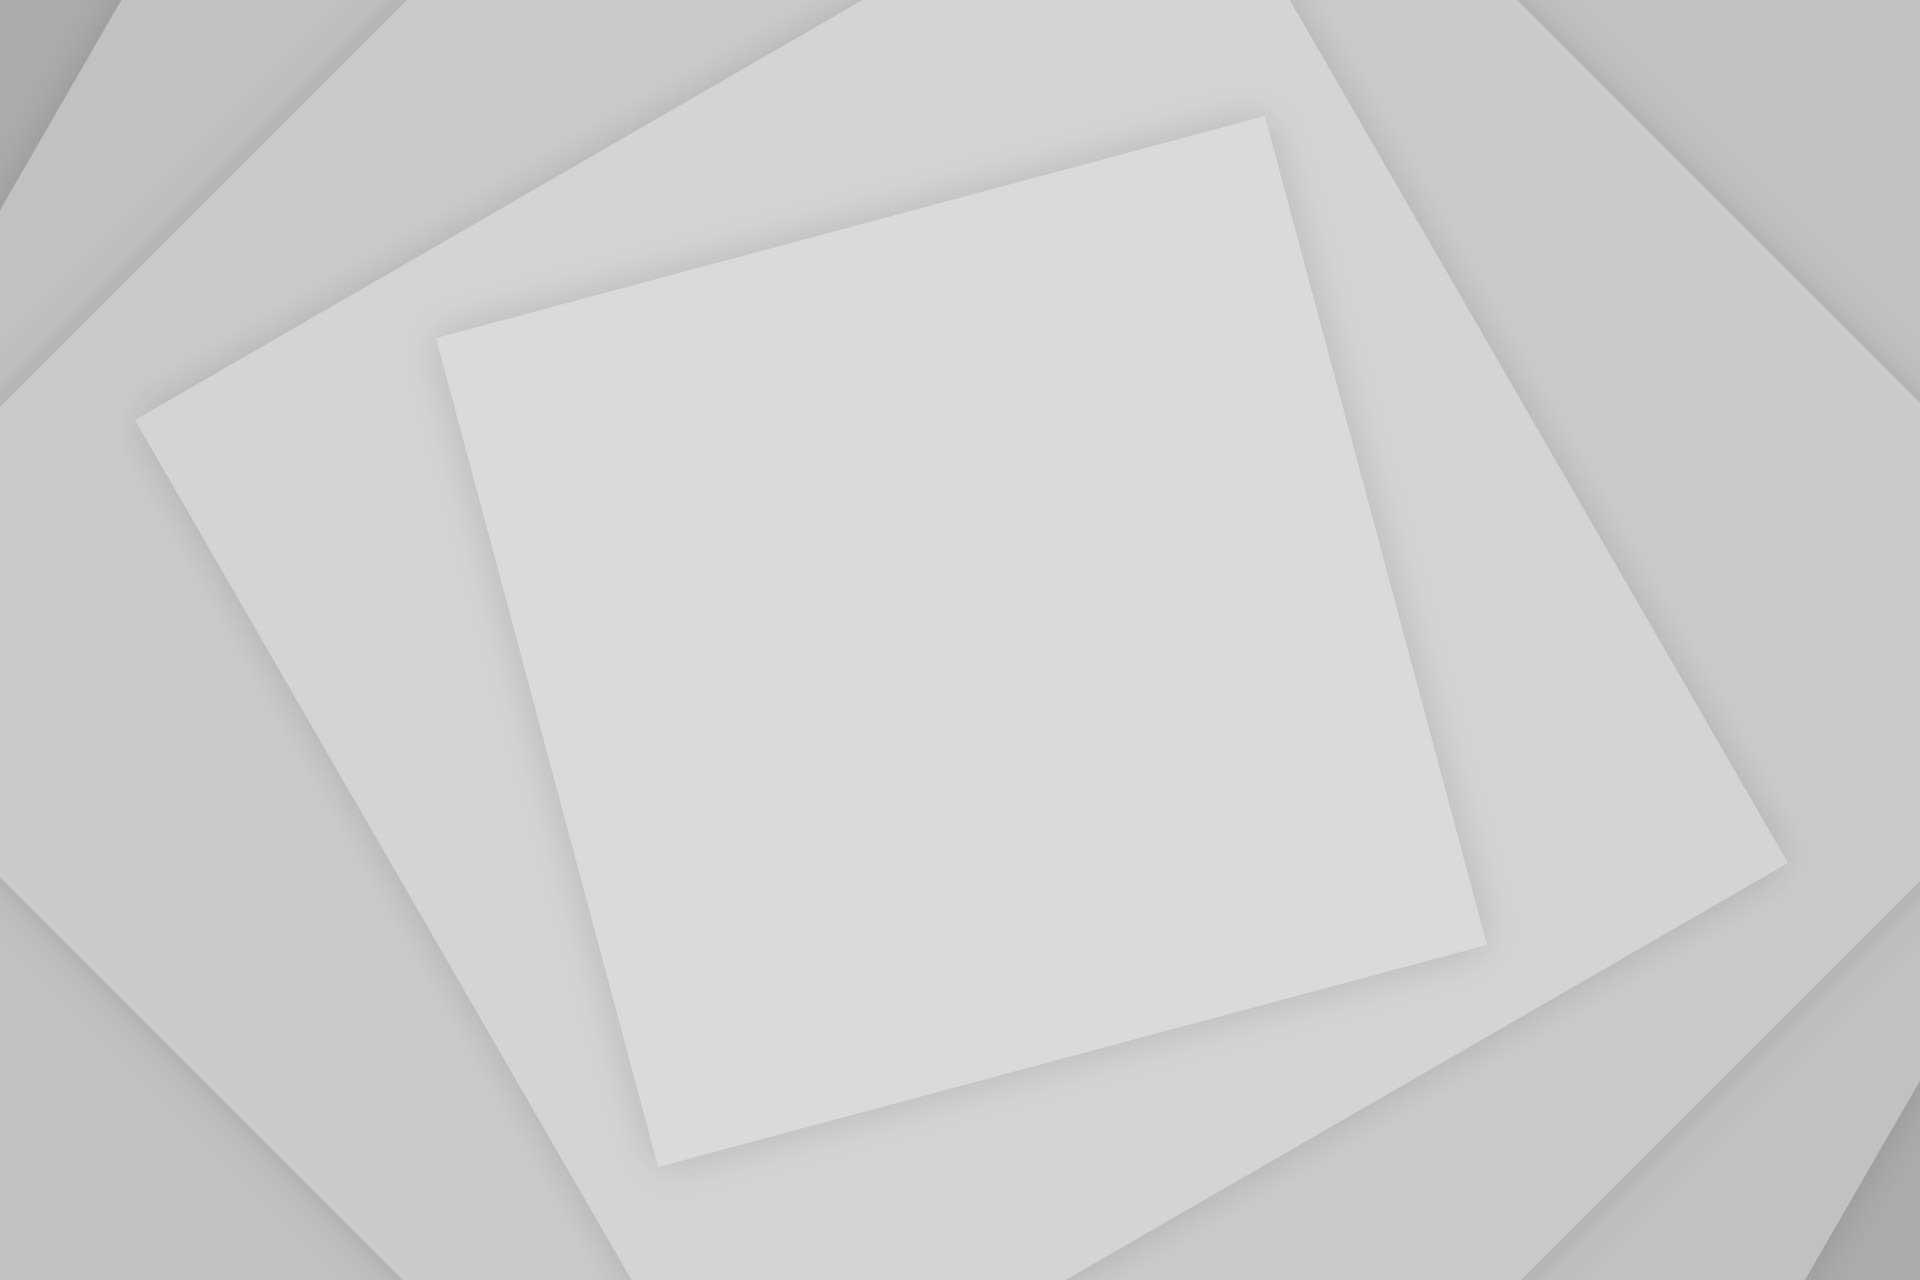 Наказ МОЗ України від 27.07.2018 № 1416 «Про внесення зміни до наказу Міністерства охорони здоров'я України від 20.07.2018 № 1346»